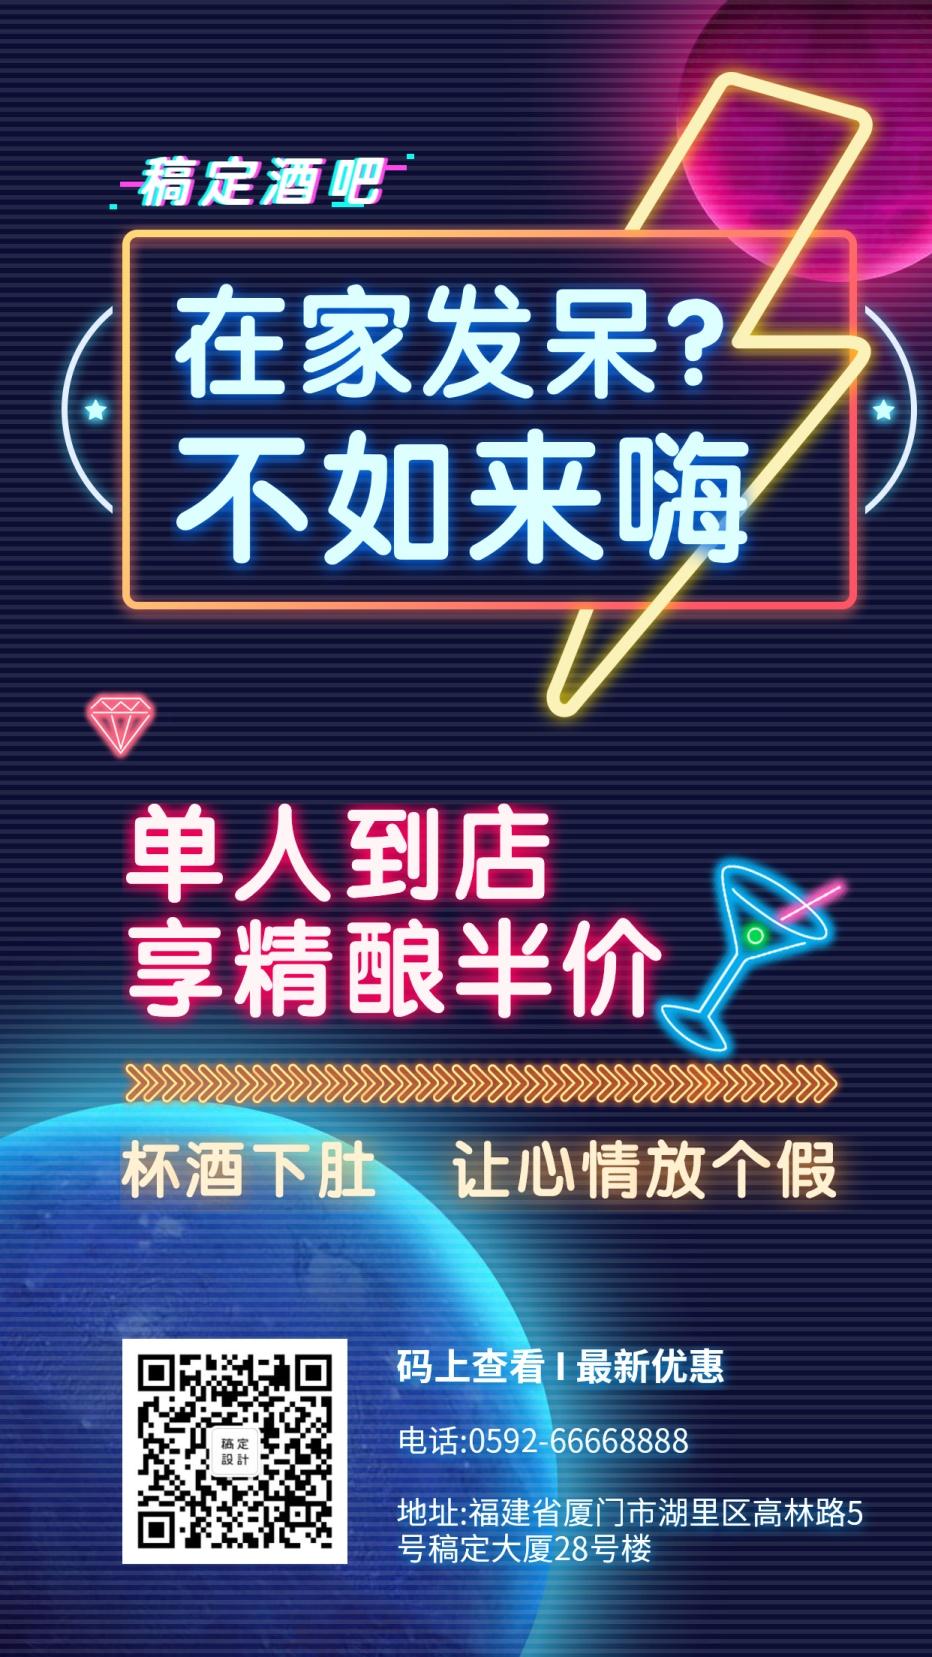 酒吧/酷炫/促销活动/手机海报